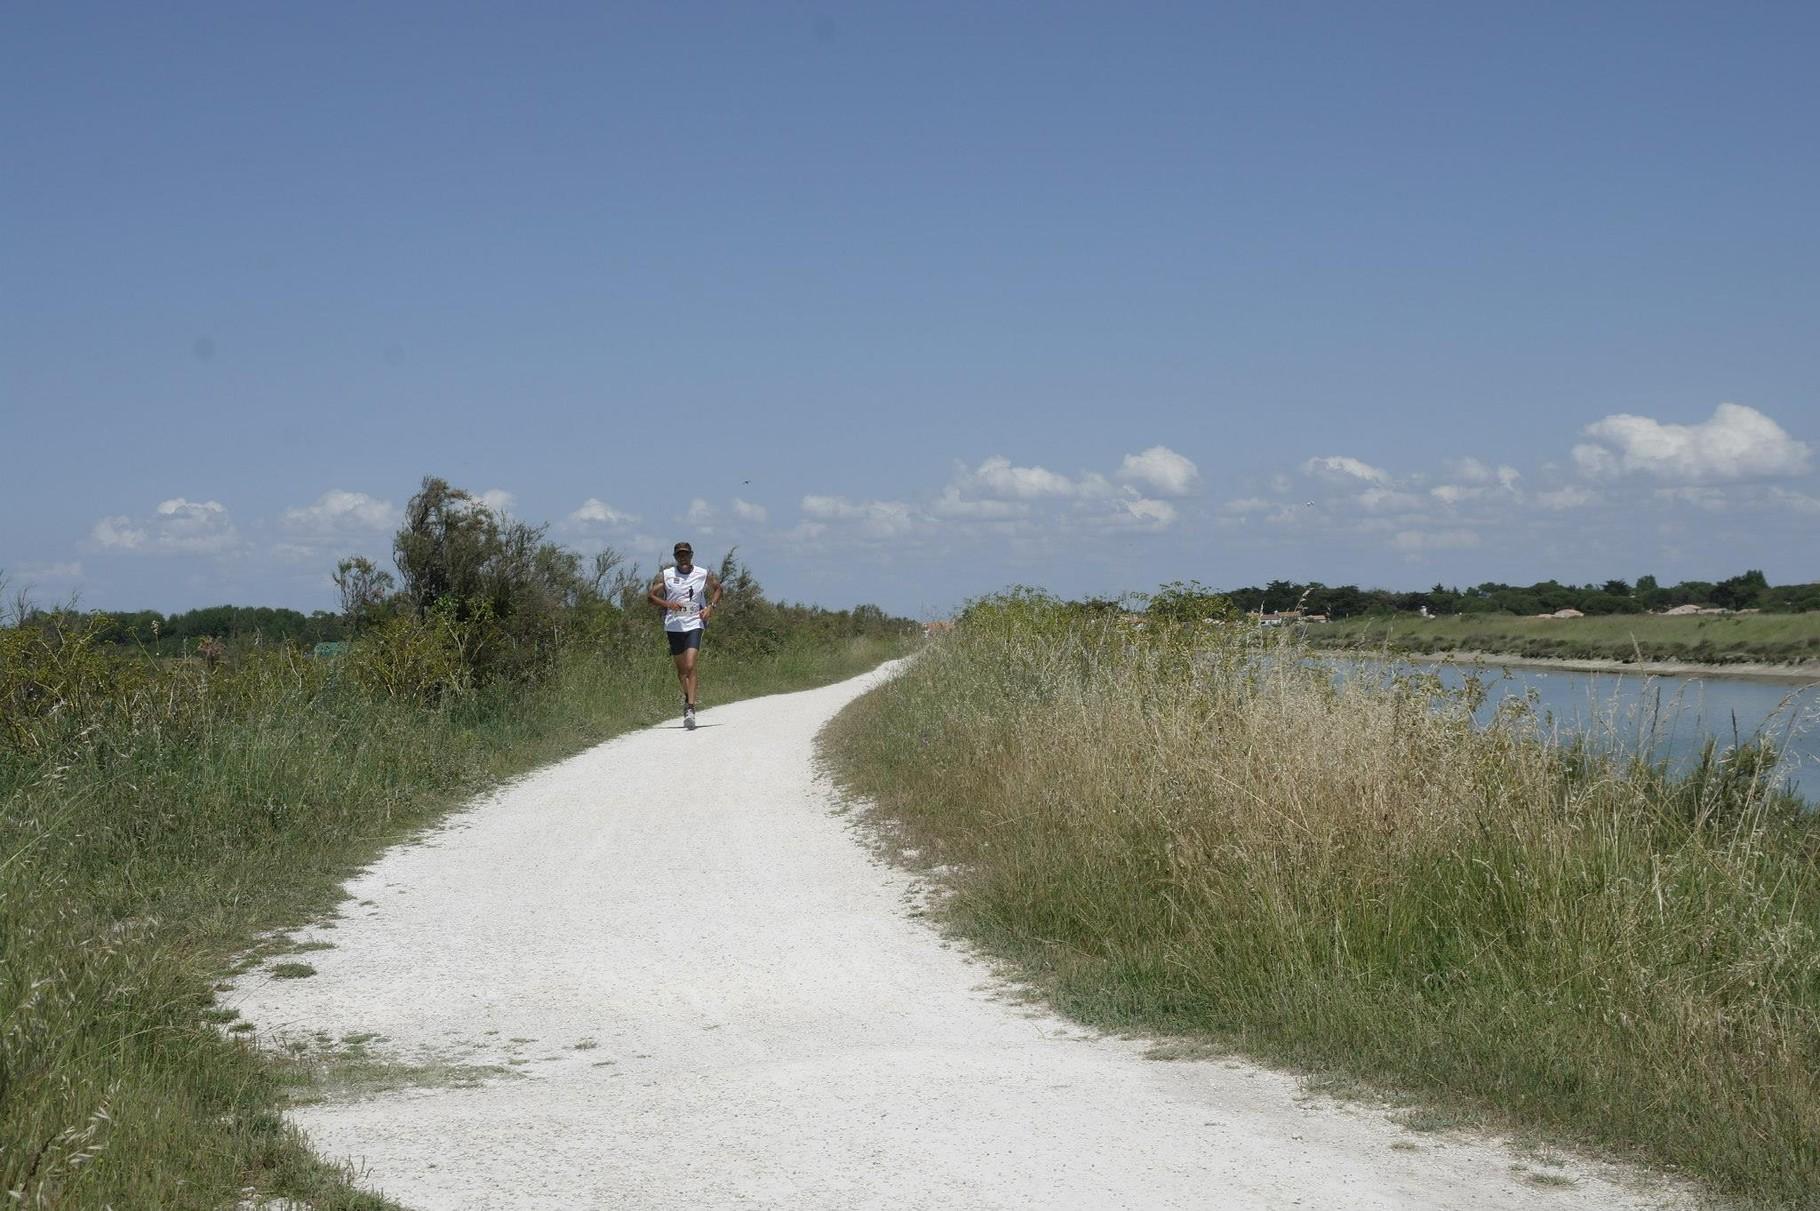 La course continue sur les pistes cyclables tout autour du village...